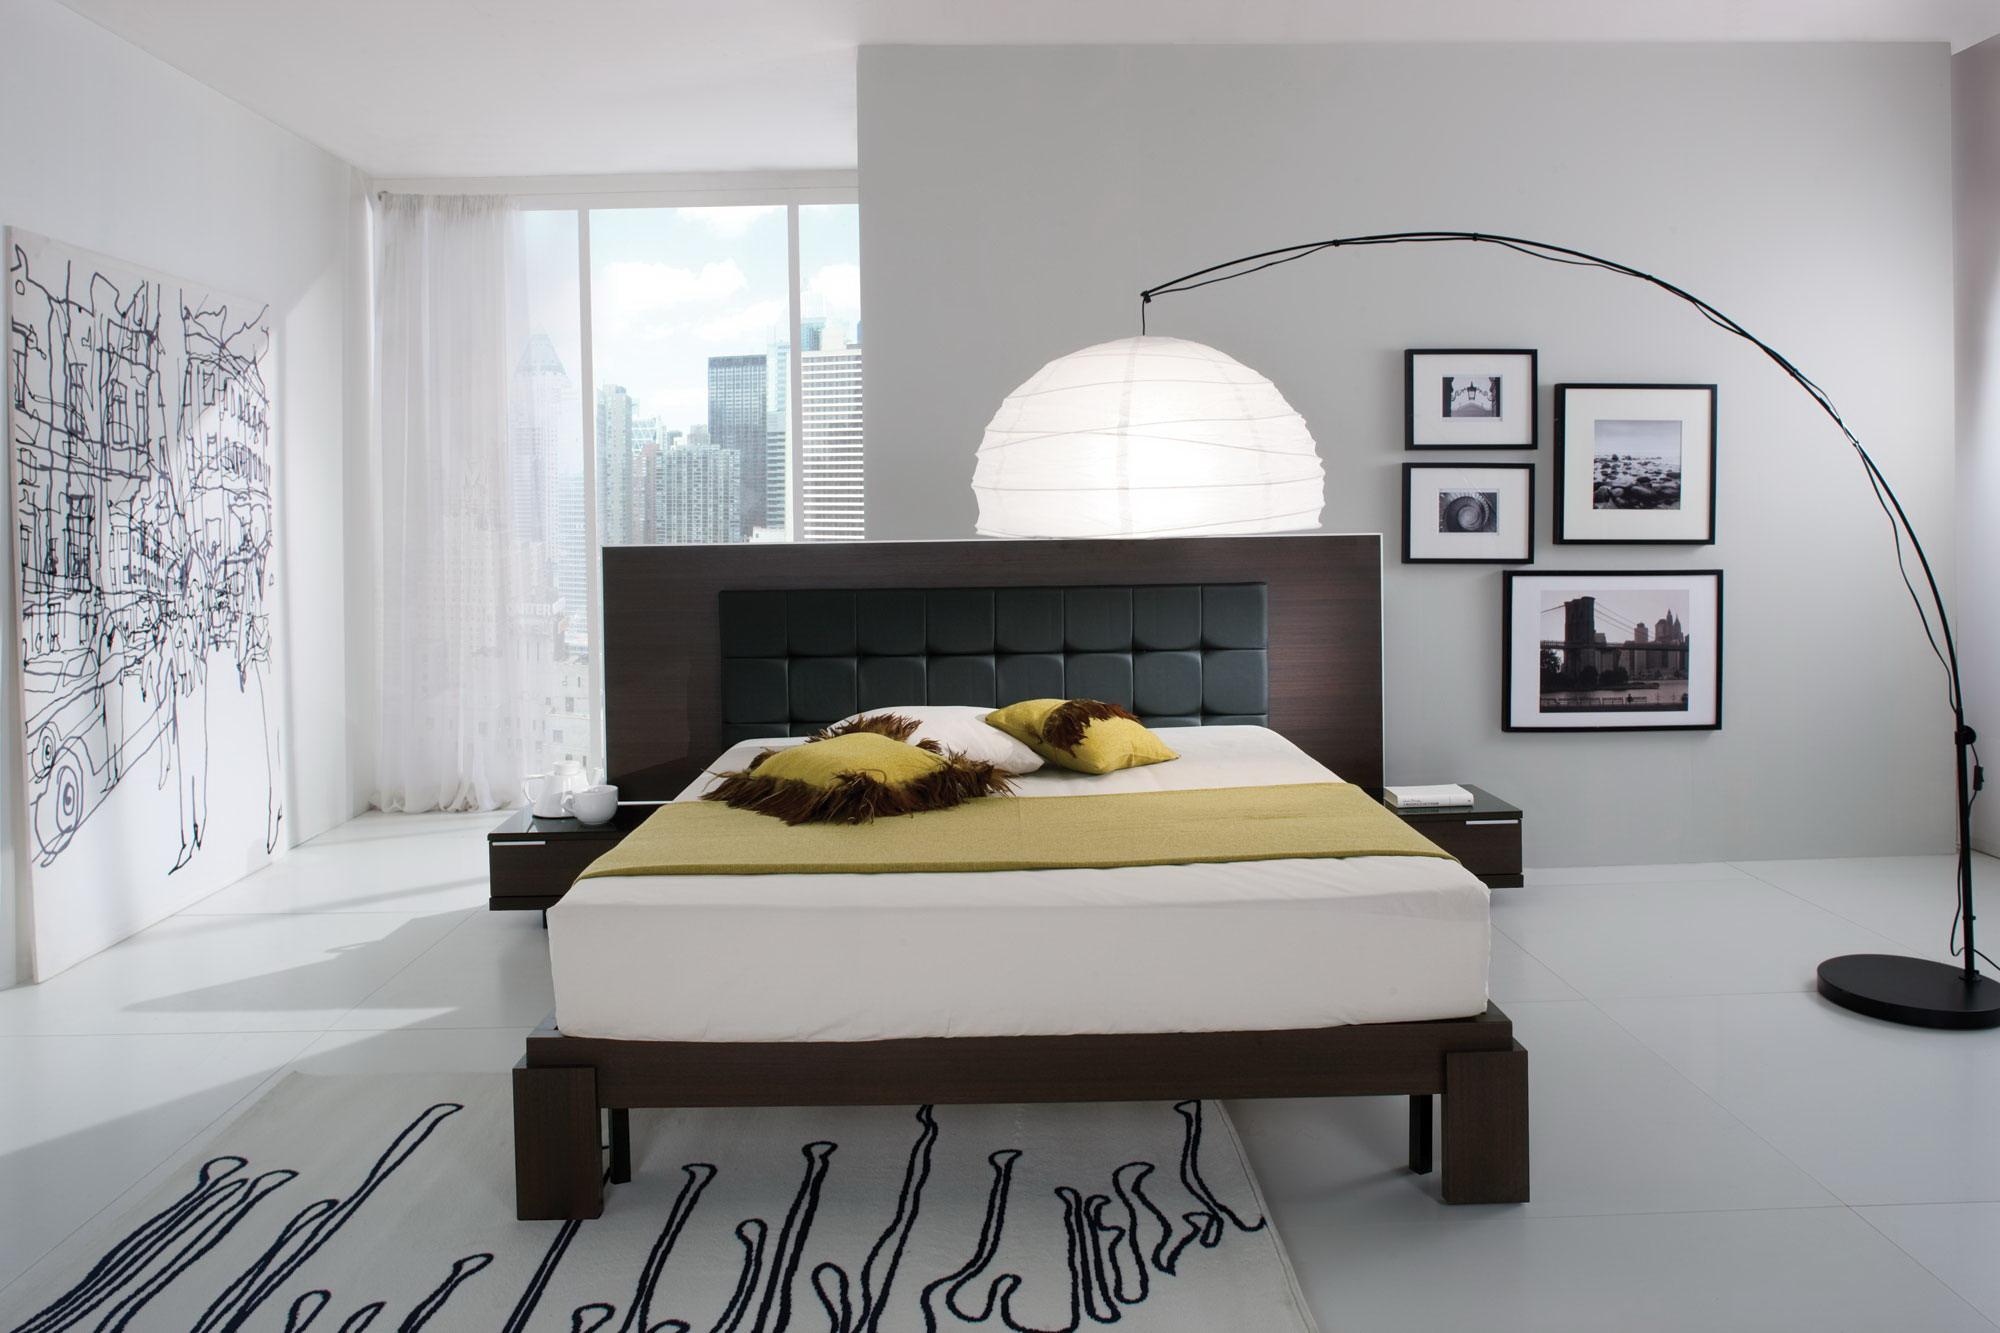 Большой напольный светильник в интерьере спальни в стиле модерн